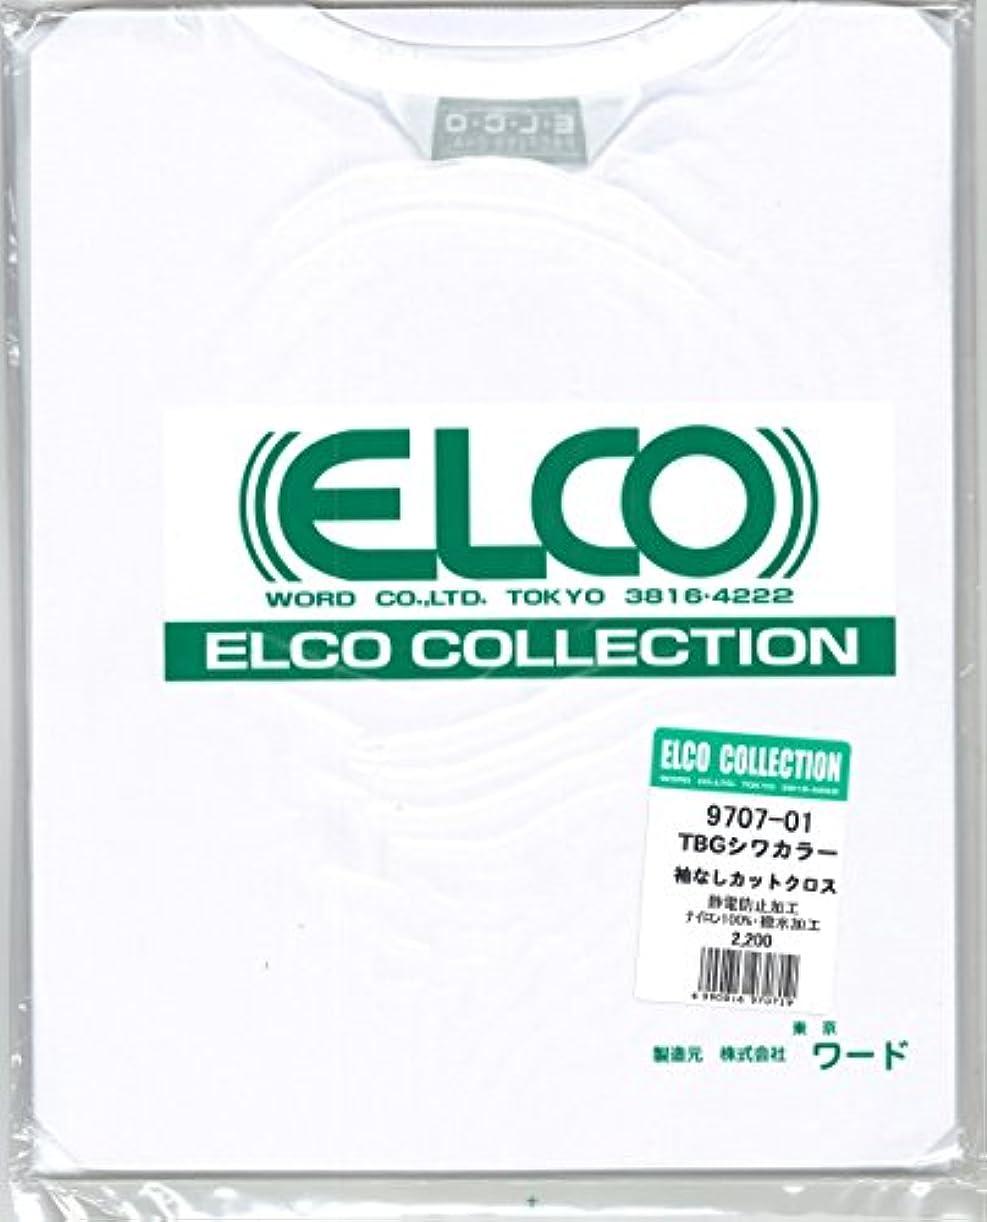 危険コンテスト周術期エルコ シワカラー袖なしカット ホワイト